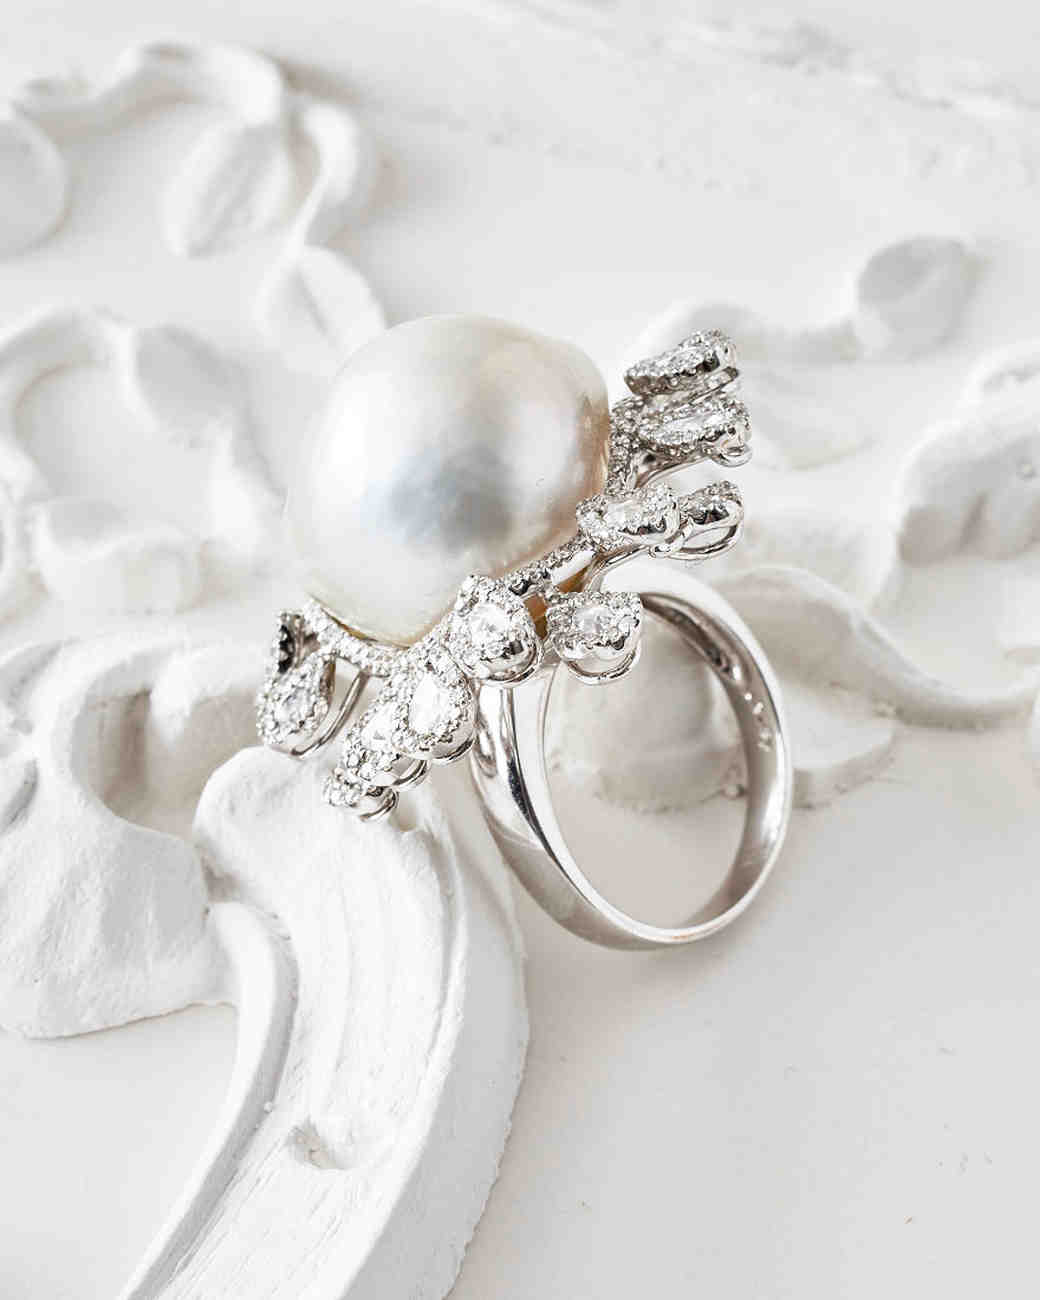 pearls-nina-runsdorf-neiman-marcus-white-gold-0216.jpg